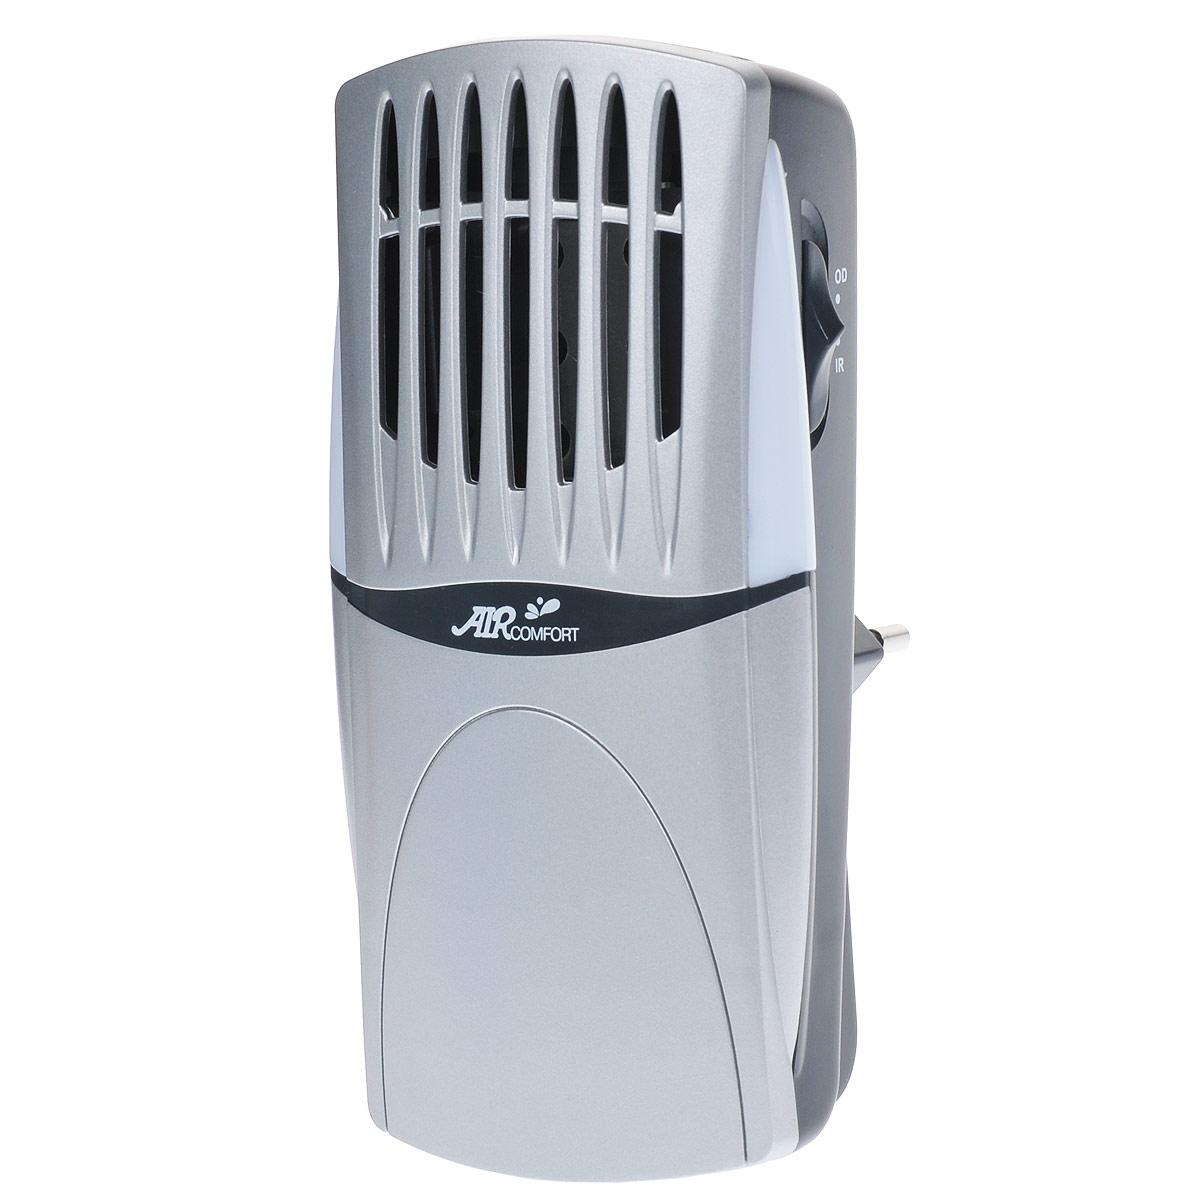 AirComfort GH-2160S воздухоочиститель00000000081AirComfort GH-2160S - идеальный освежитель воздуха и нейтрализатор запахов для ванных комнат, спален, гостиных, кладовых, стенных шкафов, лестничных клеток и других помещений небольшого размера. Электростатическая решетка задерживает самые мельчайшие загрязняющие частицы, содержащиеся в воздухе. Прибор имеет два режима работы: IR отрицательные ионы, OD активный кислород. Циркуляция чистого воздуха с запахом свежести обеспечивается электронным способом без движущихся деталей и шума. Чистый воздух несет с собой устойчивый поток очищающего озона, нейтрализующего запахи в самом начале их возникновения. Встроенный светодиод можно использовать в качестве ночного освещения. А беспроводной штепсель позволяет установить очиститель непосредственно в розетку. Образование отрицательных ионов: >=1х103/см3 Концентрация активного кислорода: < 0,05 ppm мг/м3